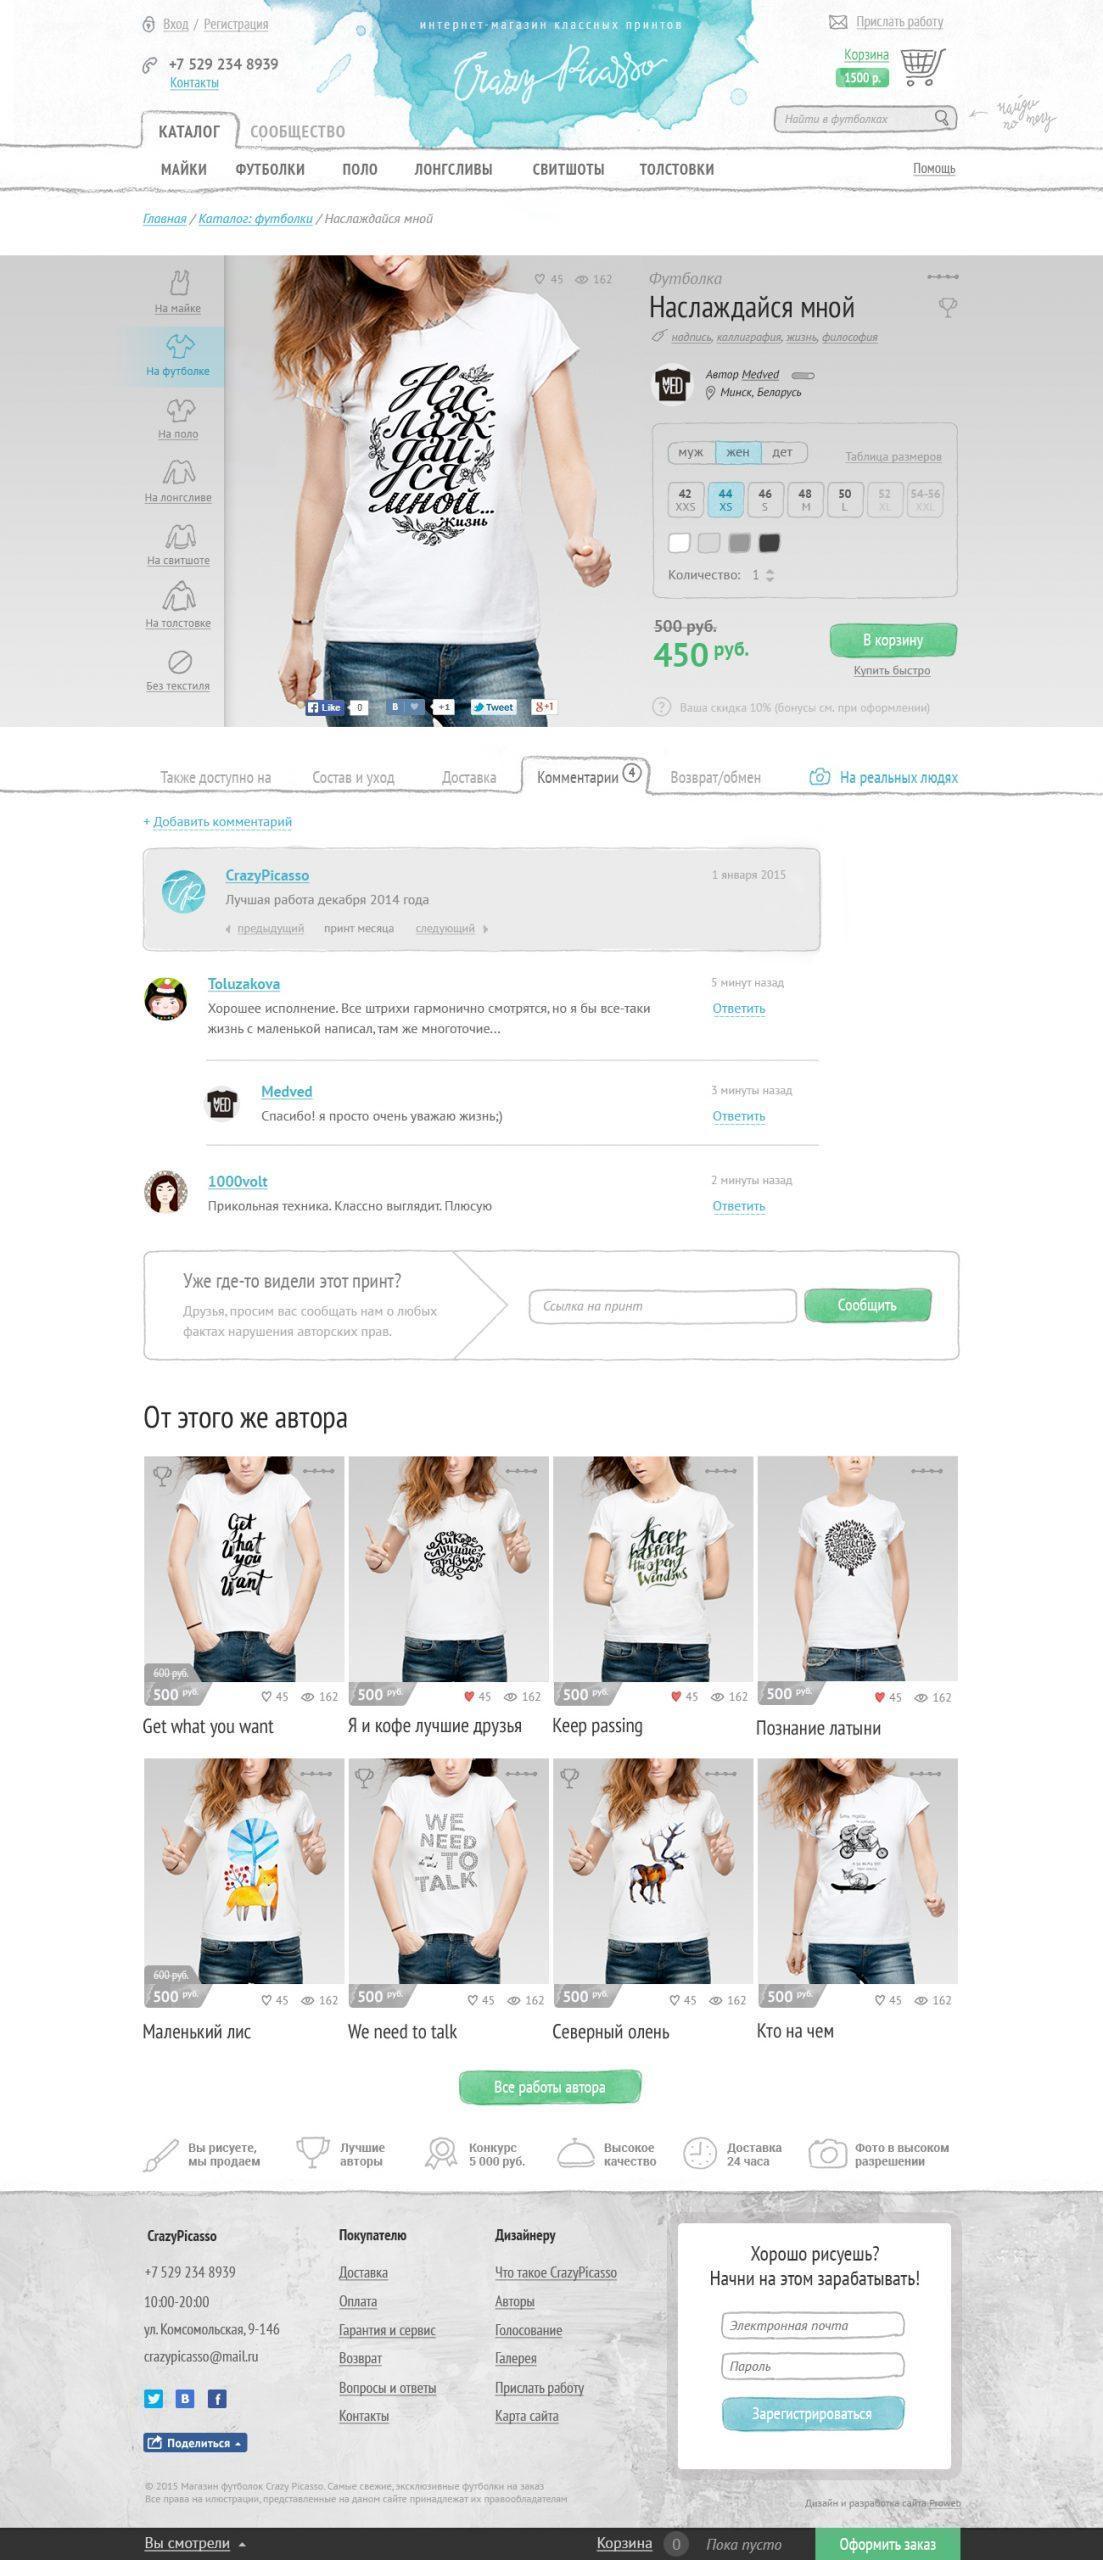 Интернет-магазин уникальных принтов